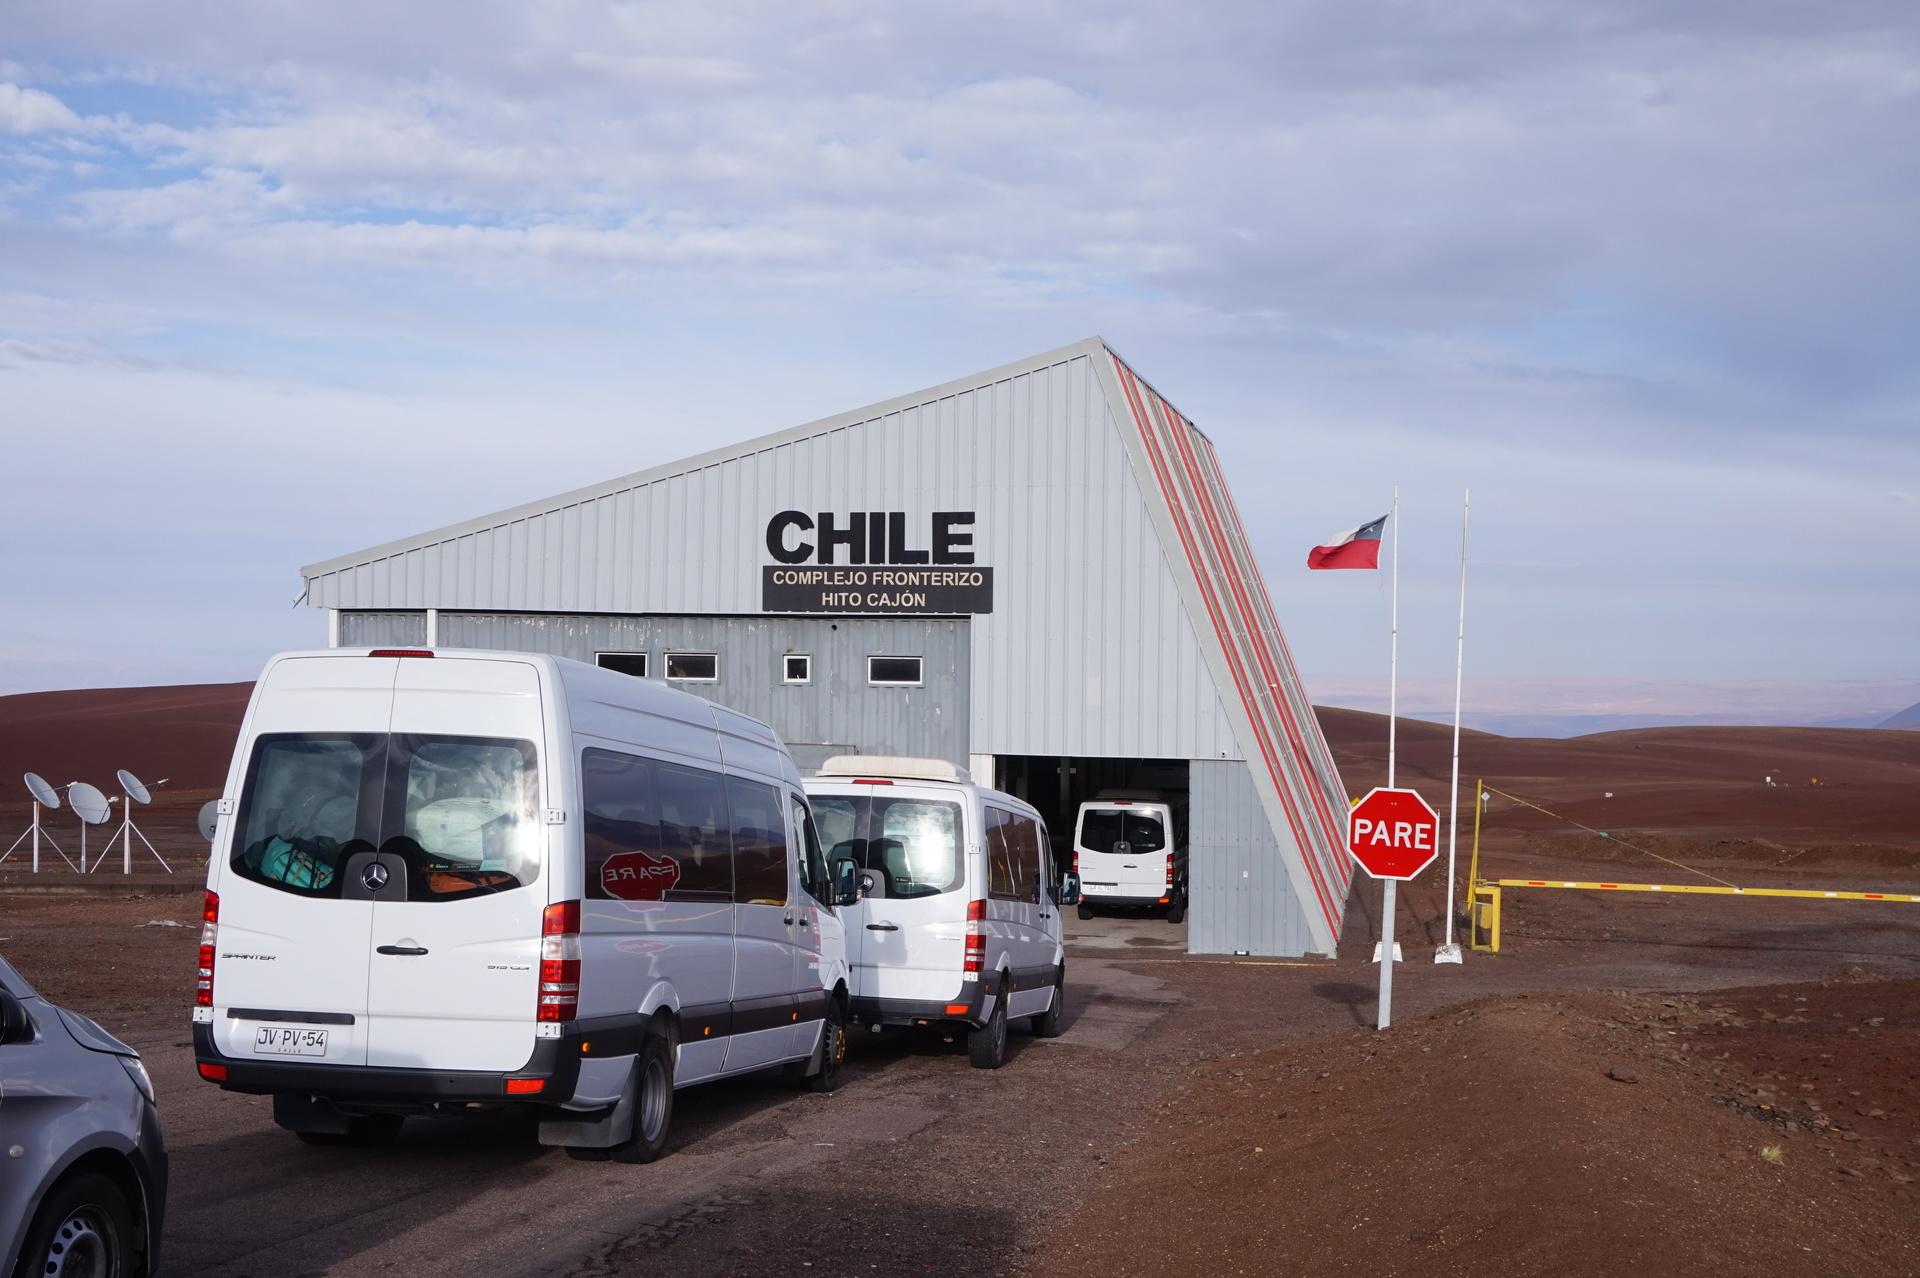 チリ ボリビア ウユニ旅行 2泊3日ツアー 出国